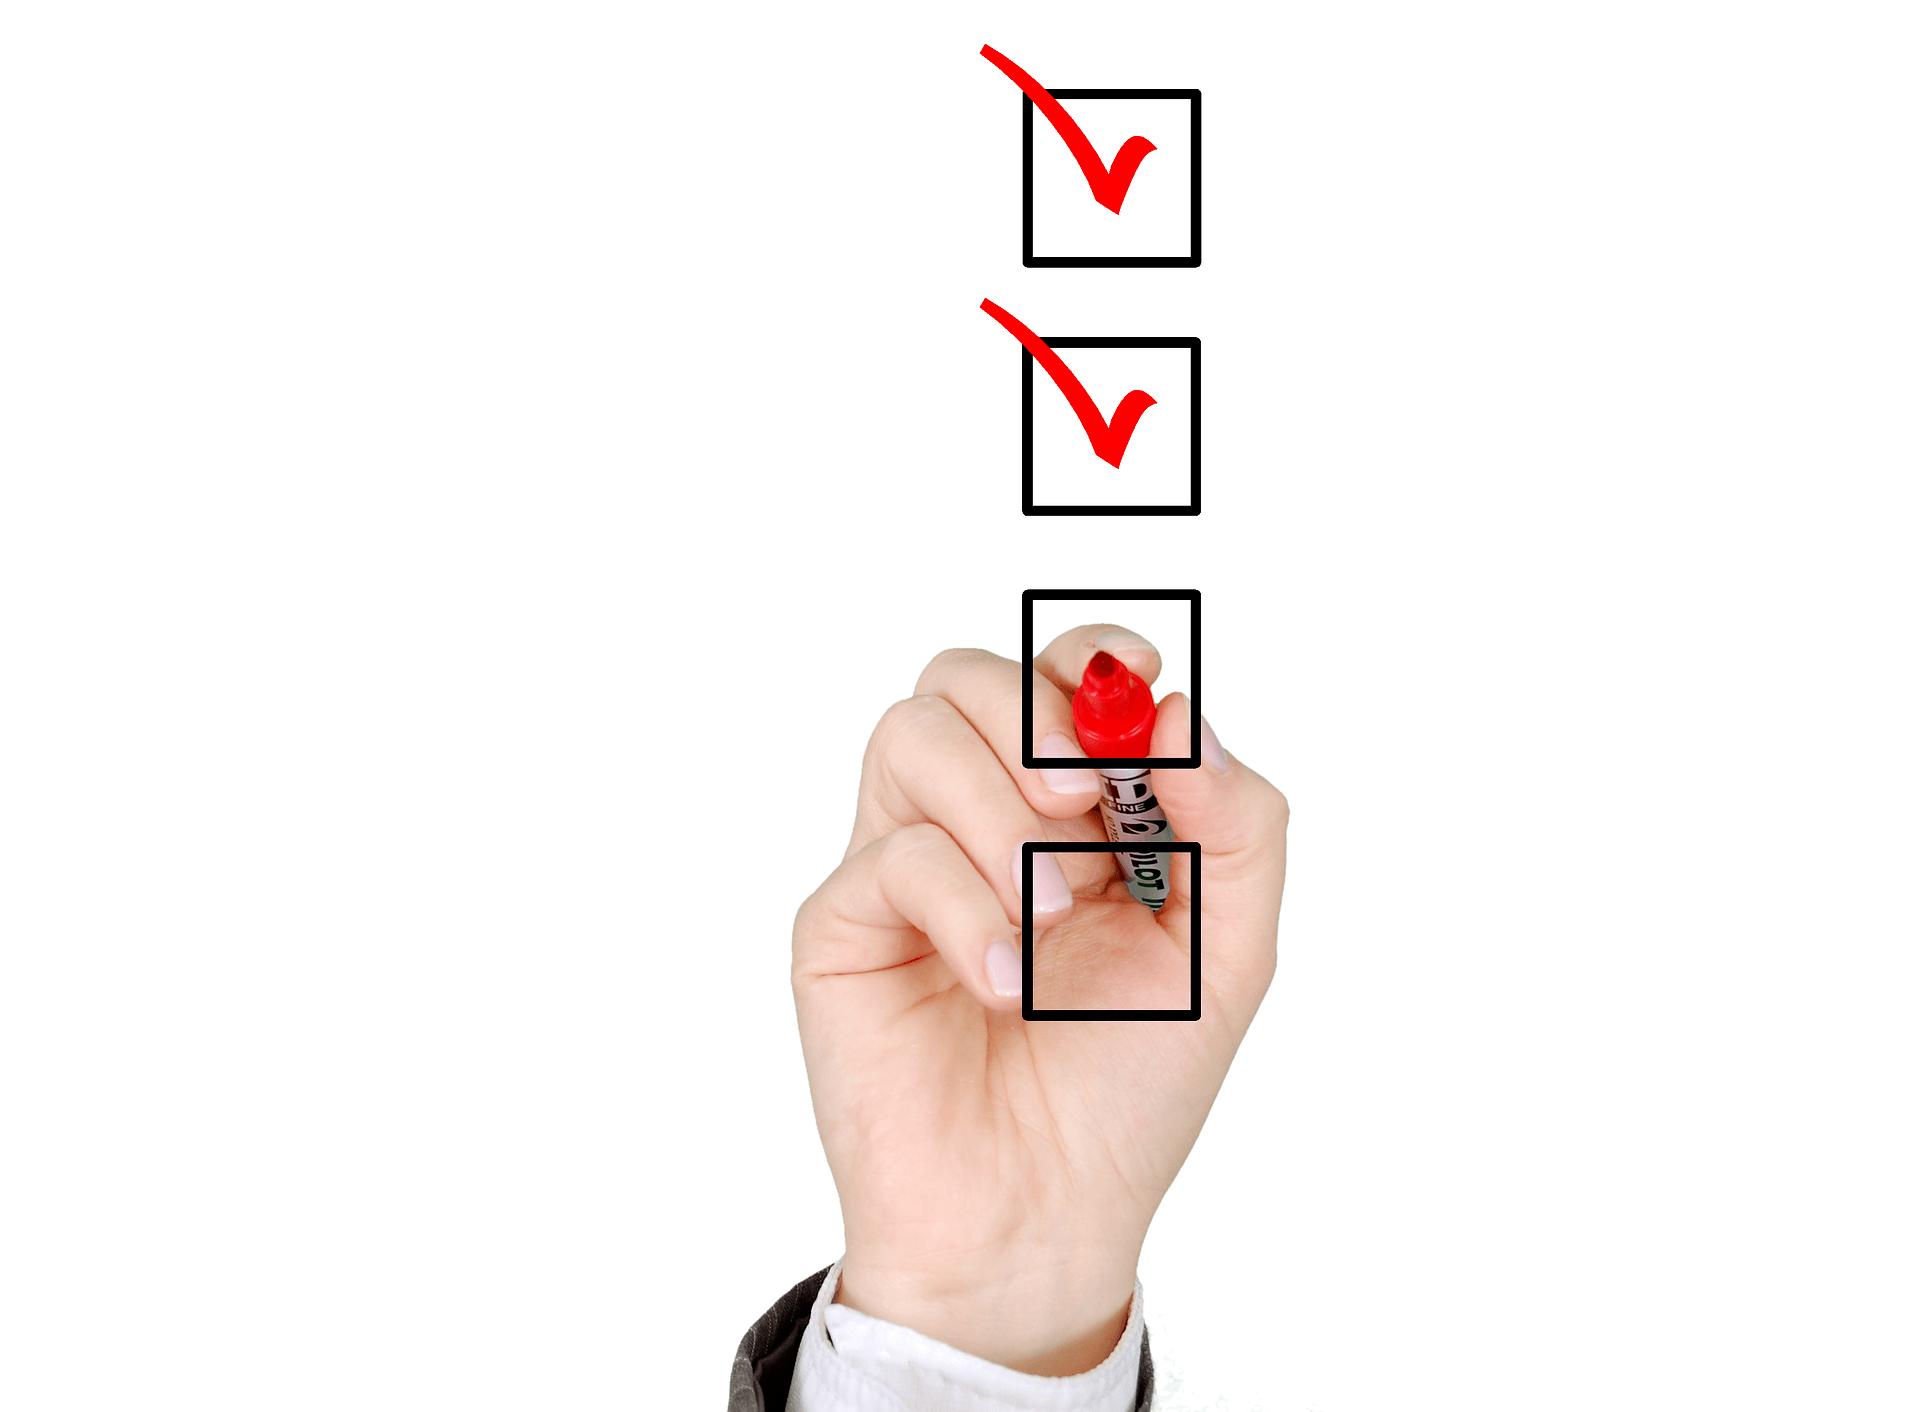 Lijst van taken voor meer productiviteit